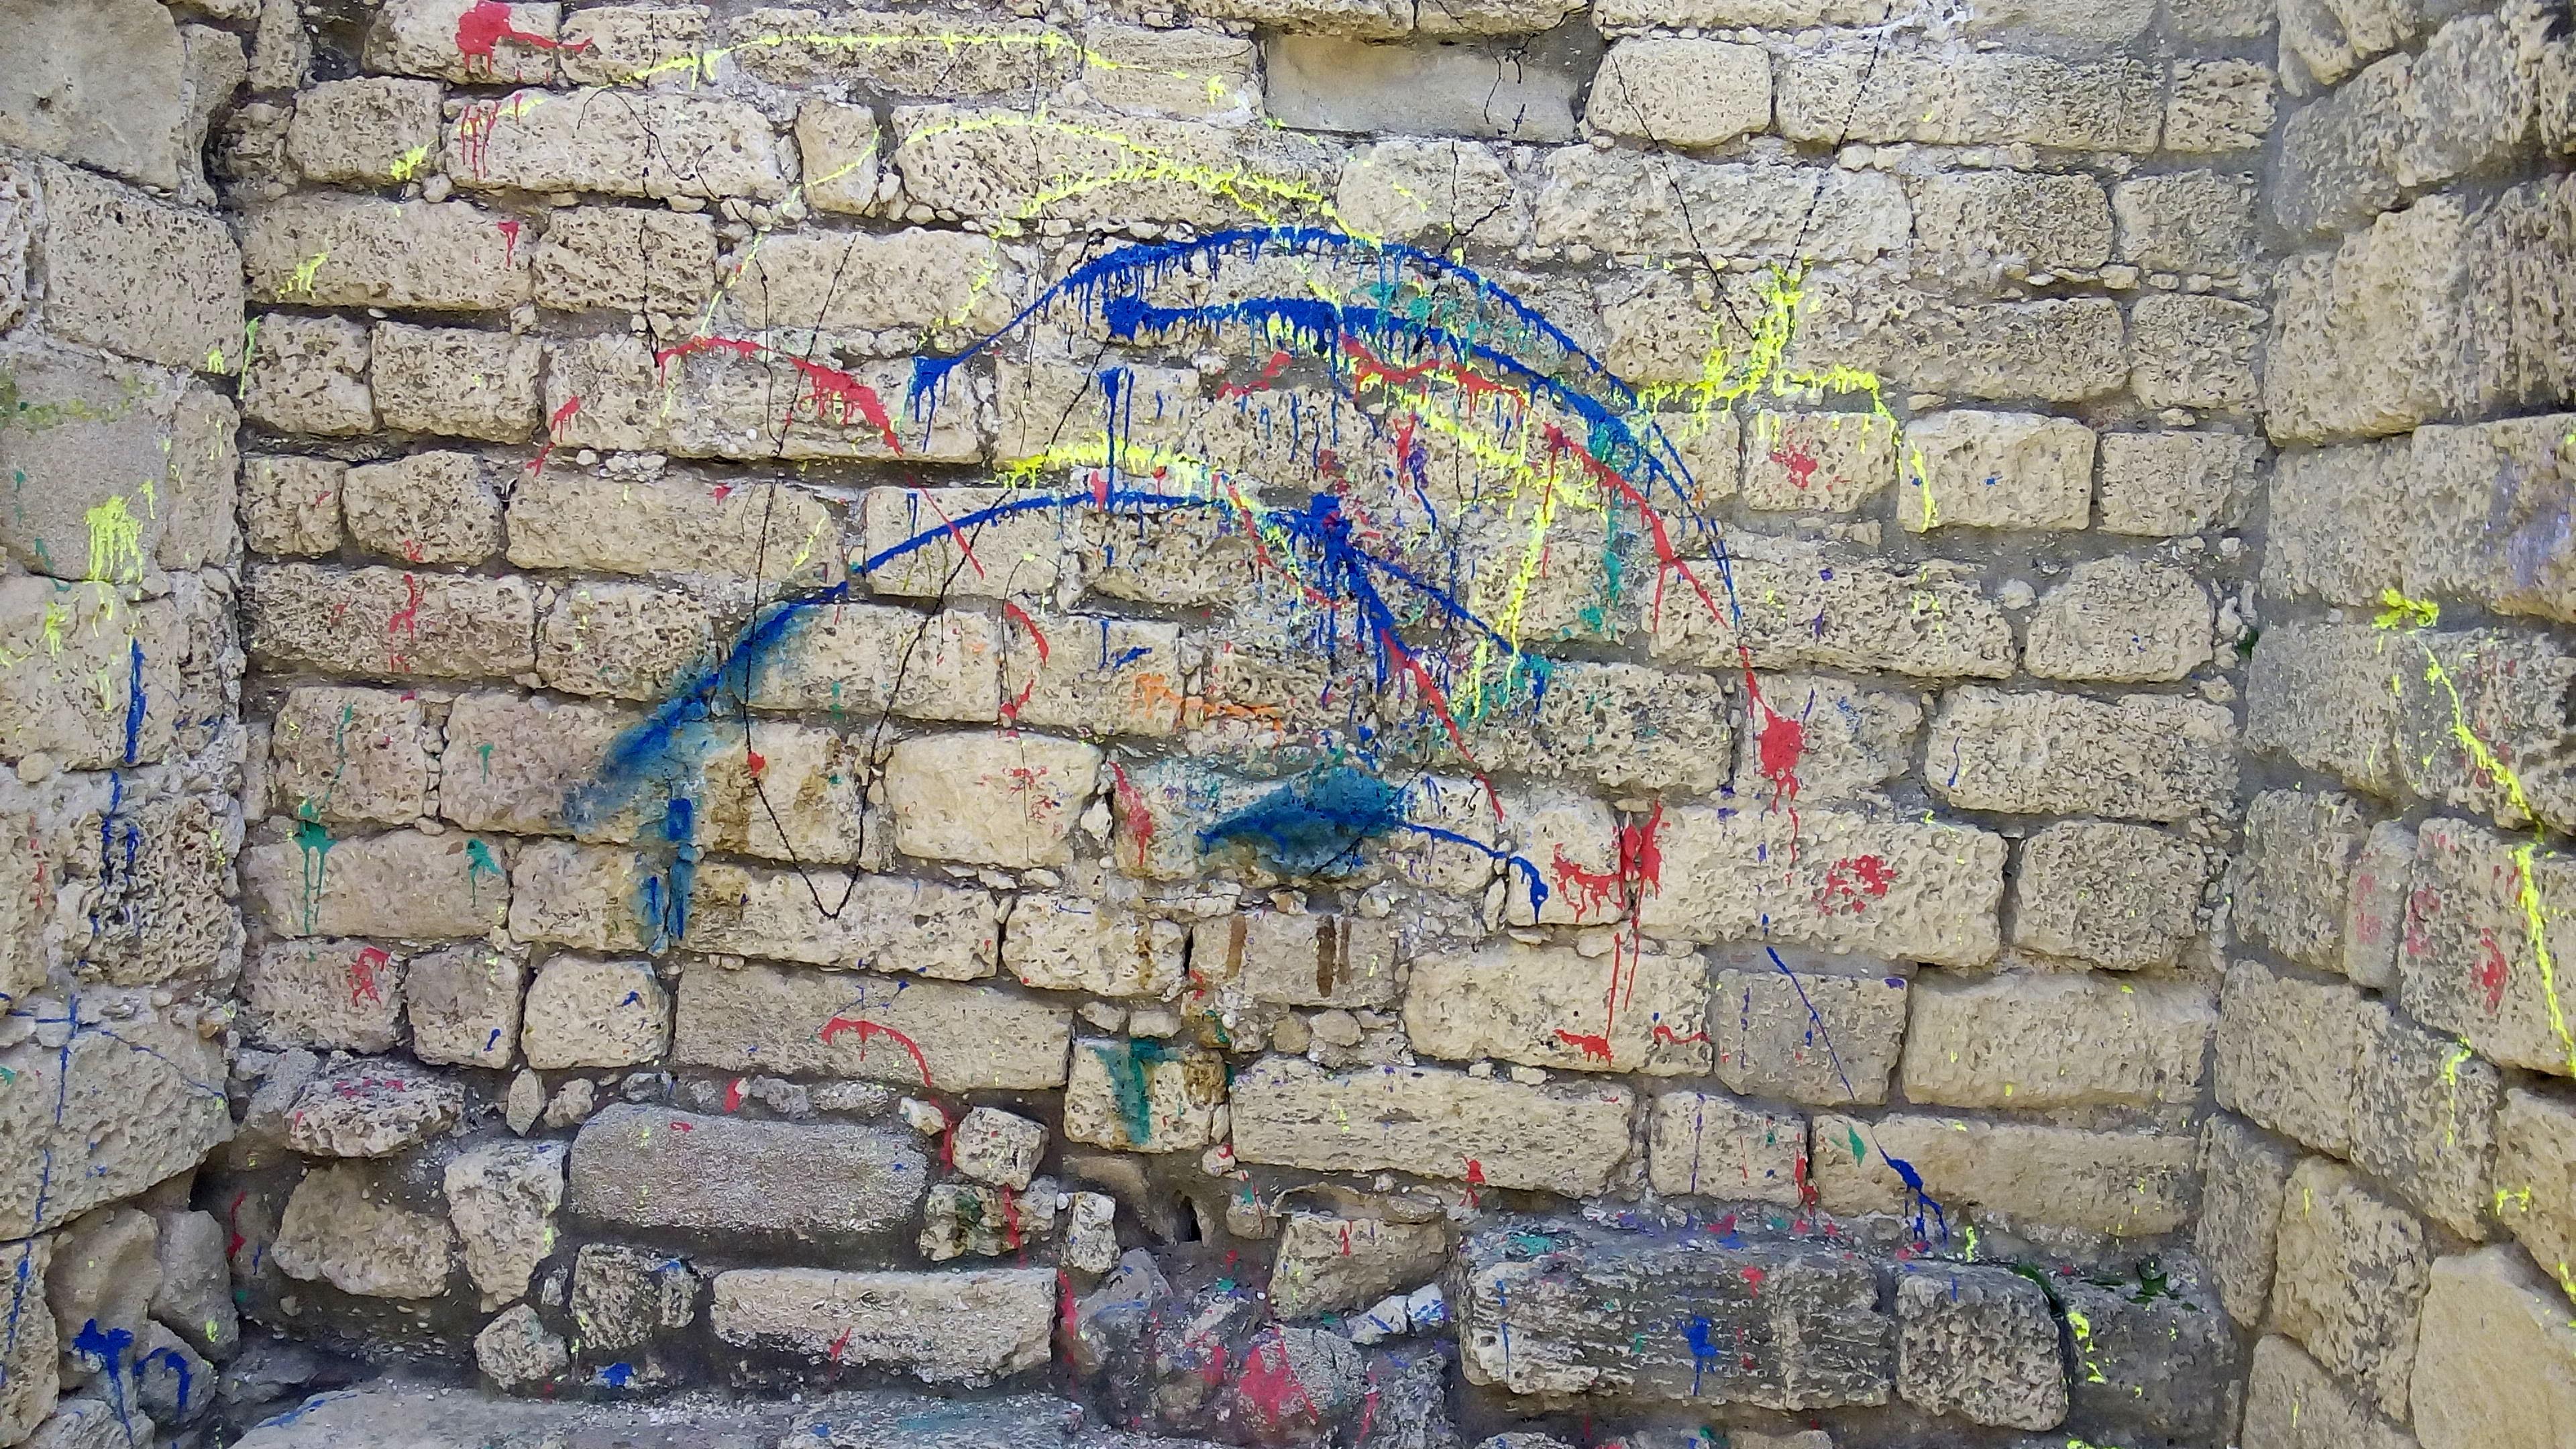 קיר המצודה לפני הניקוי. צילום: רשות העתיקות